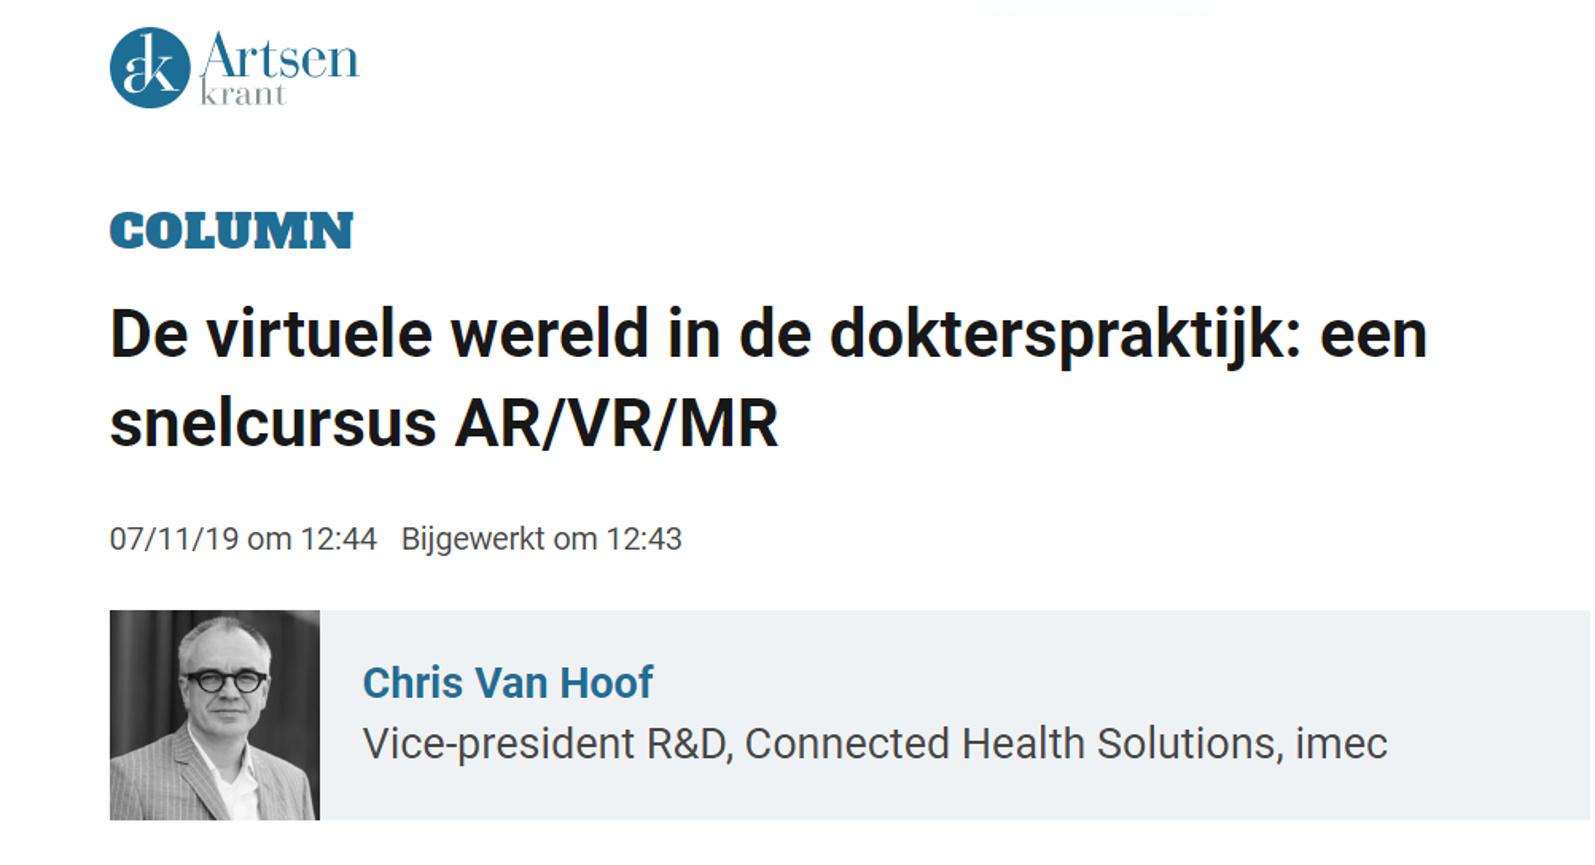 De virtuele wereld in de dokterspraktijk een snelcursus AR VR MR